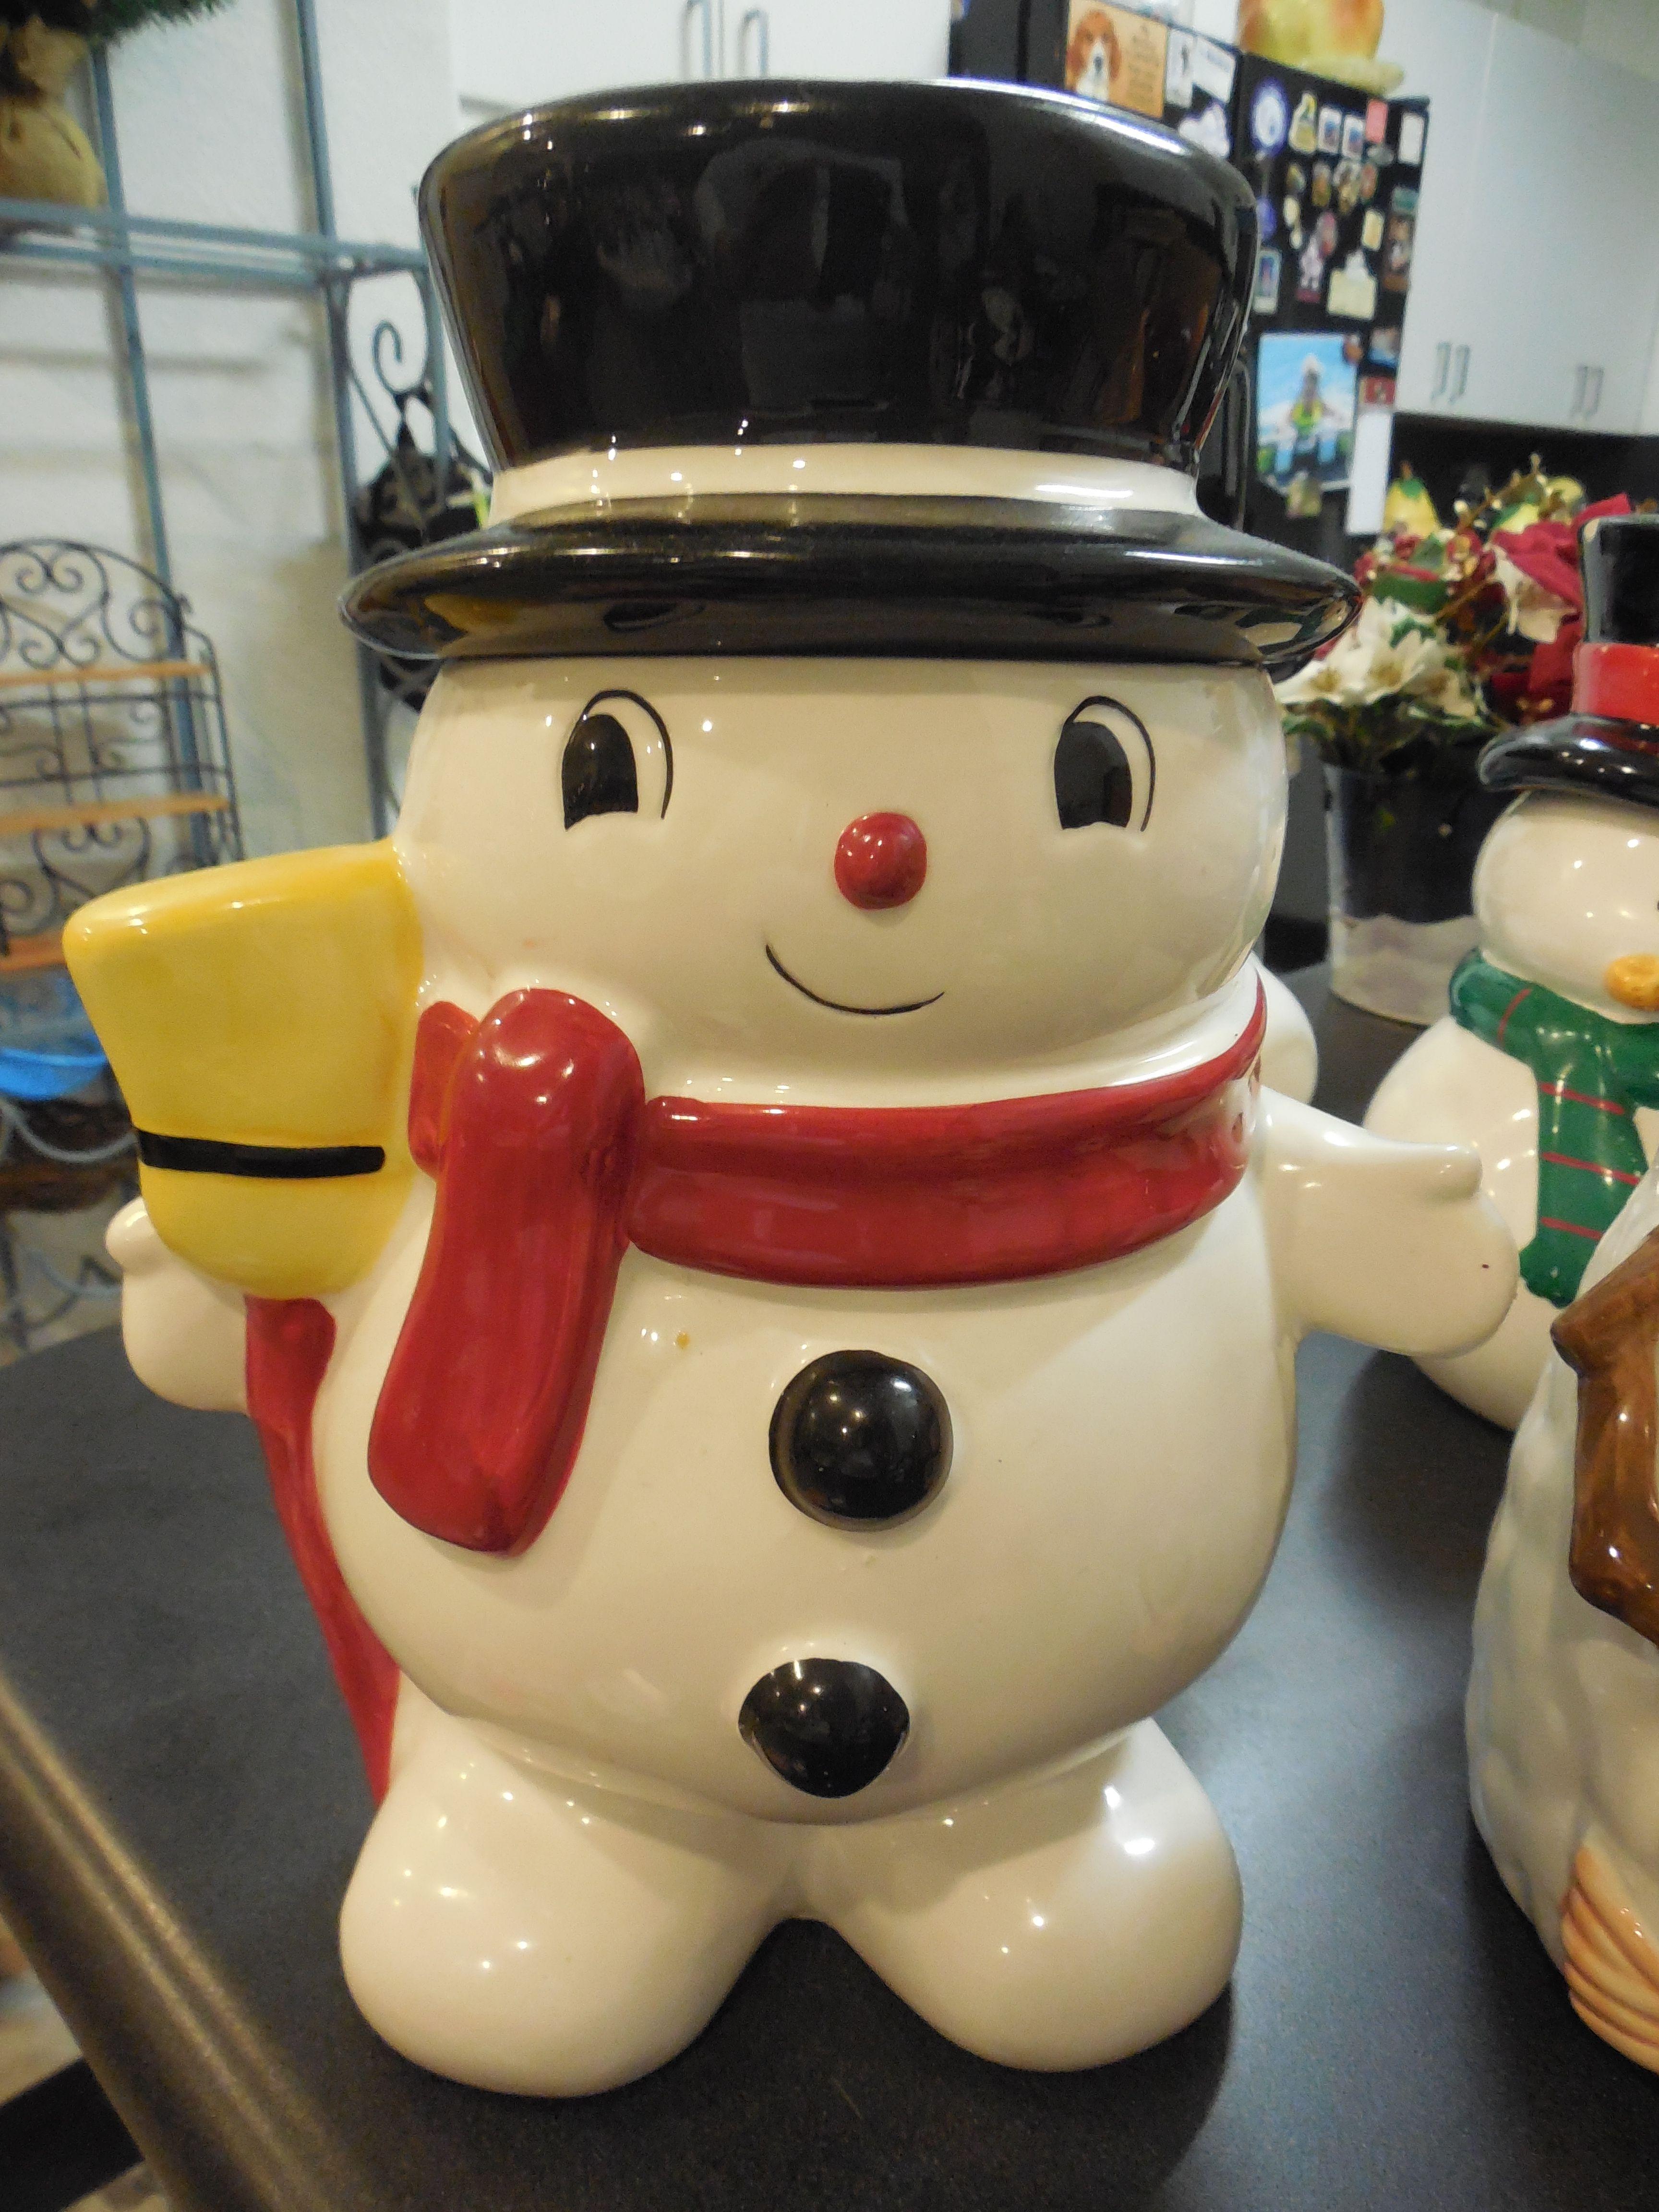 Ceramic Christmas Storage Jar Cookie Jar Biscuit Barrel Santa Snowman Cookie Jar